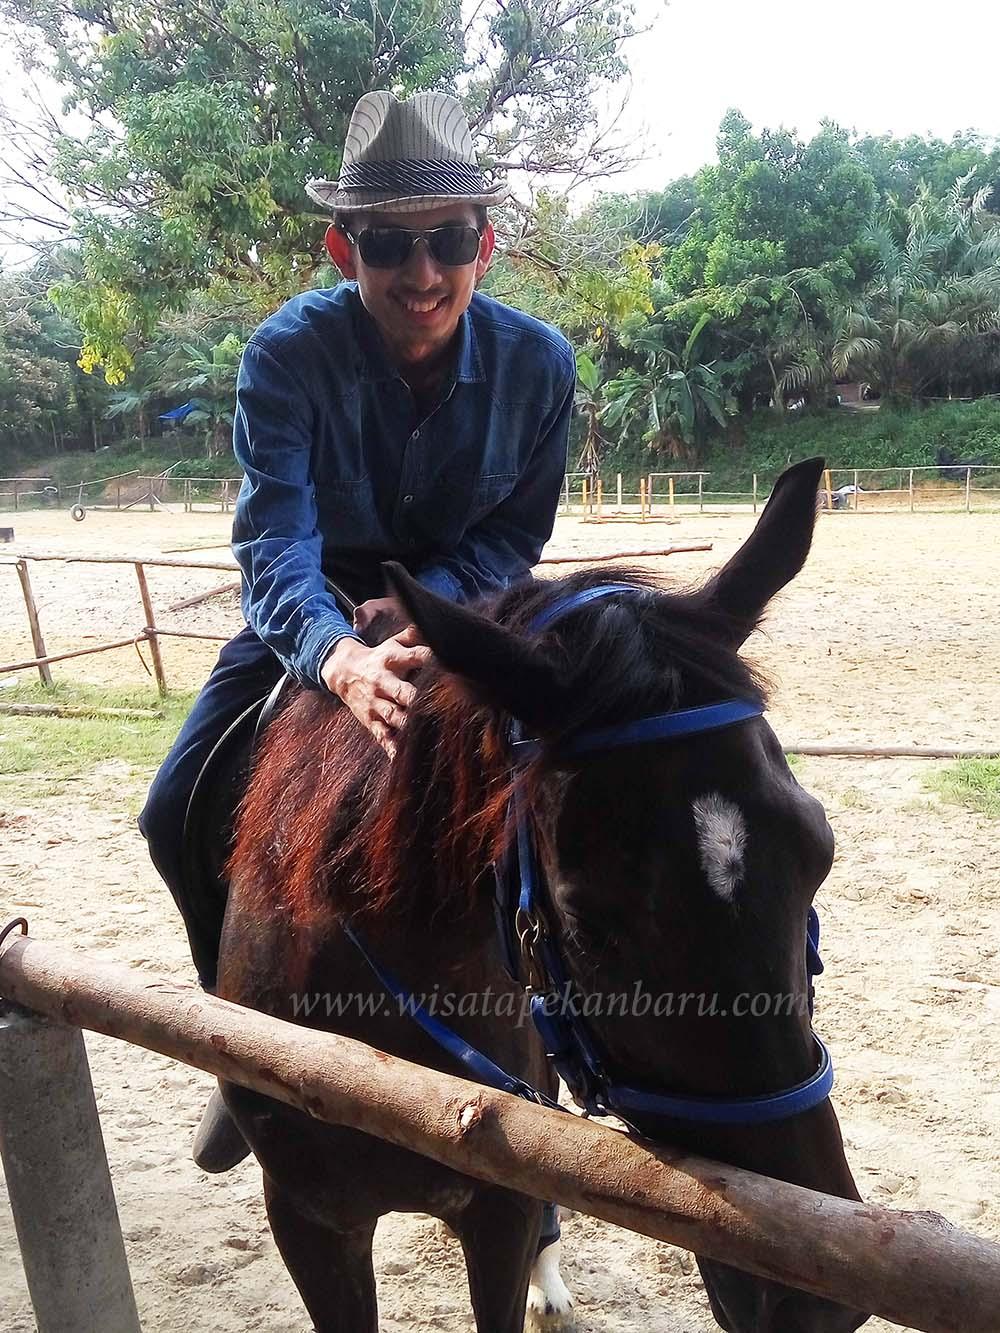 wisata dakwah okura pekanbaru - Wisata Dakwah Okura - Wisata Dakwah Sambil Berkuda di Pekanbaru